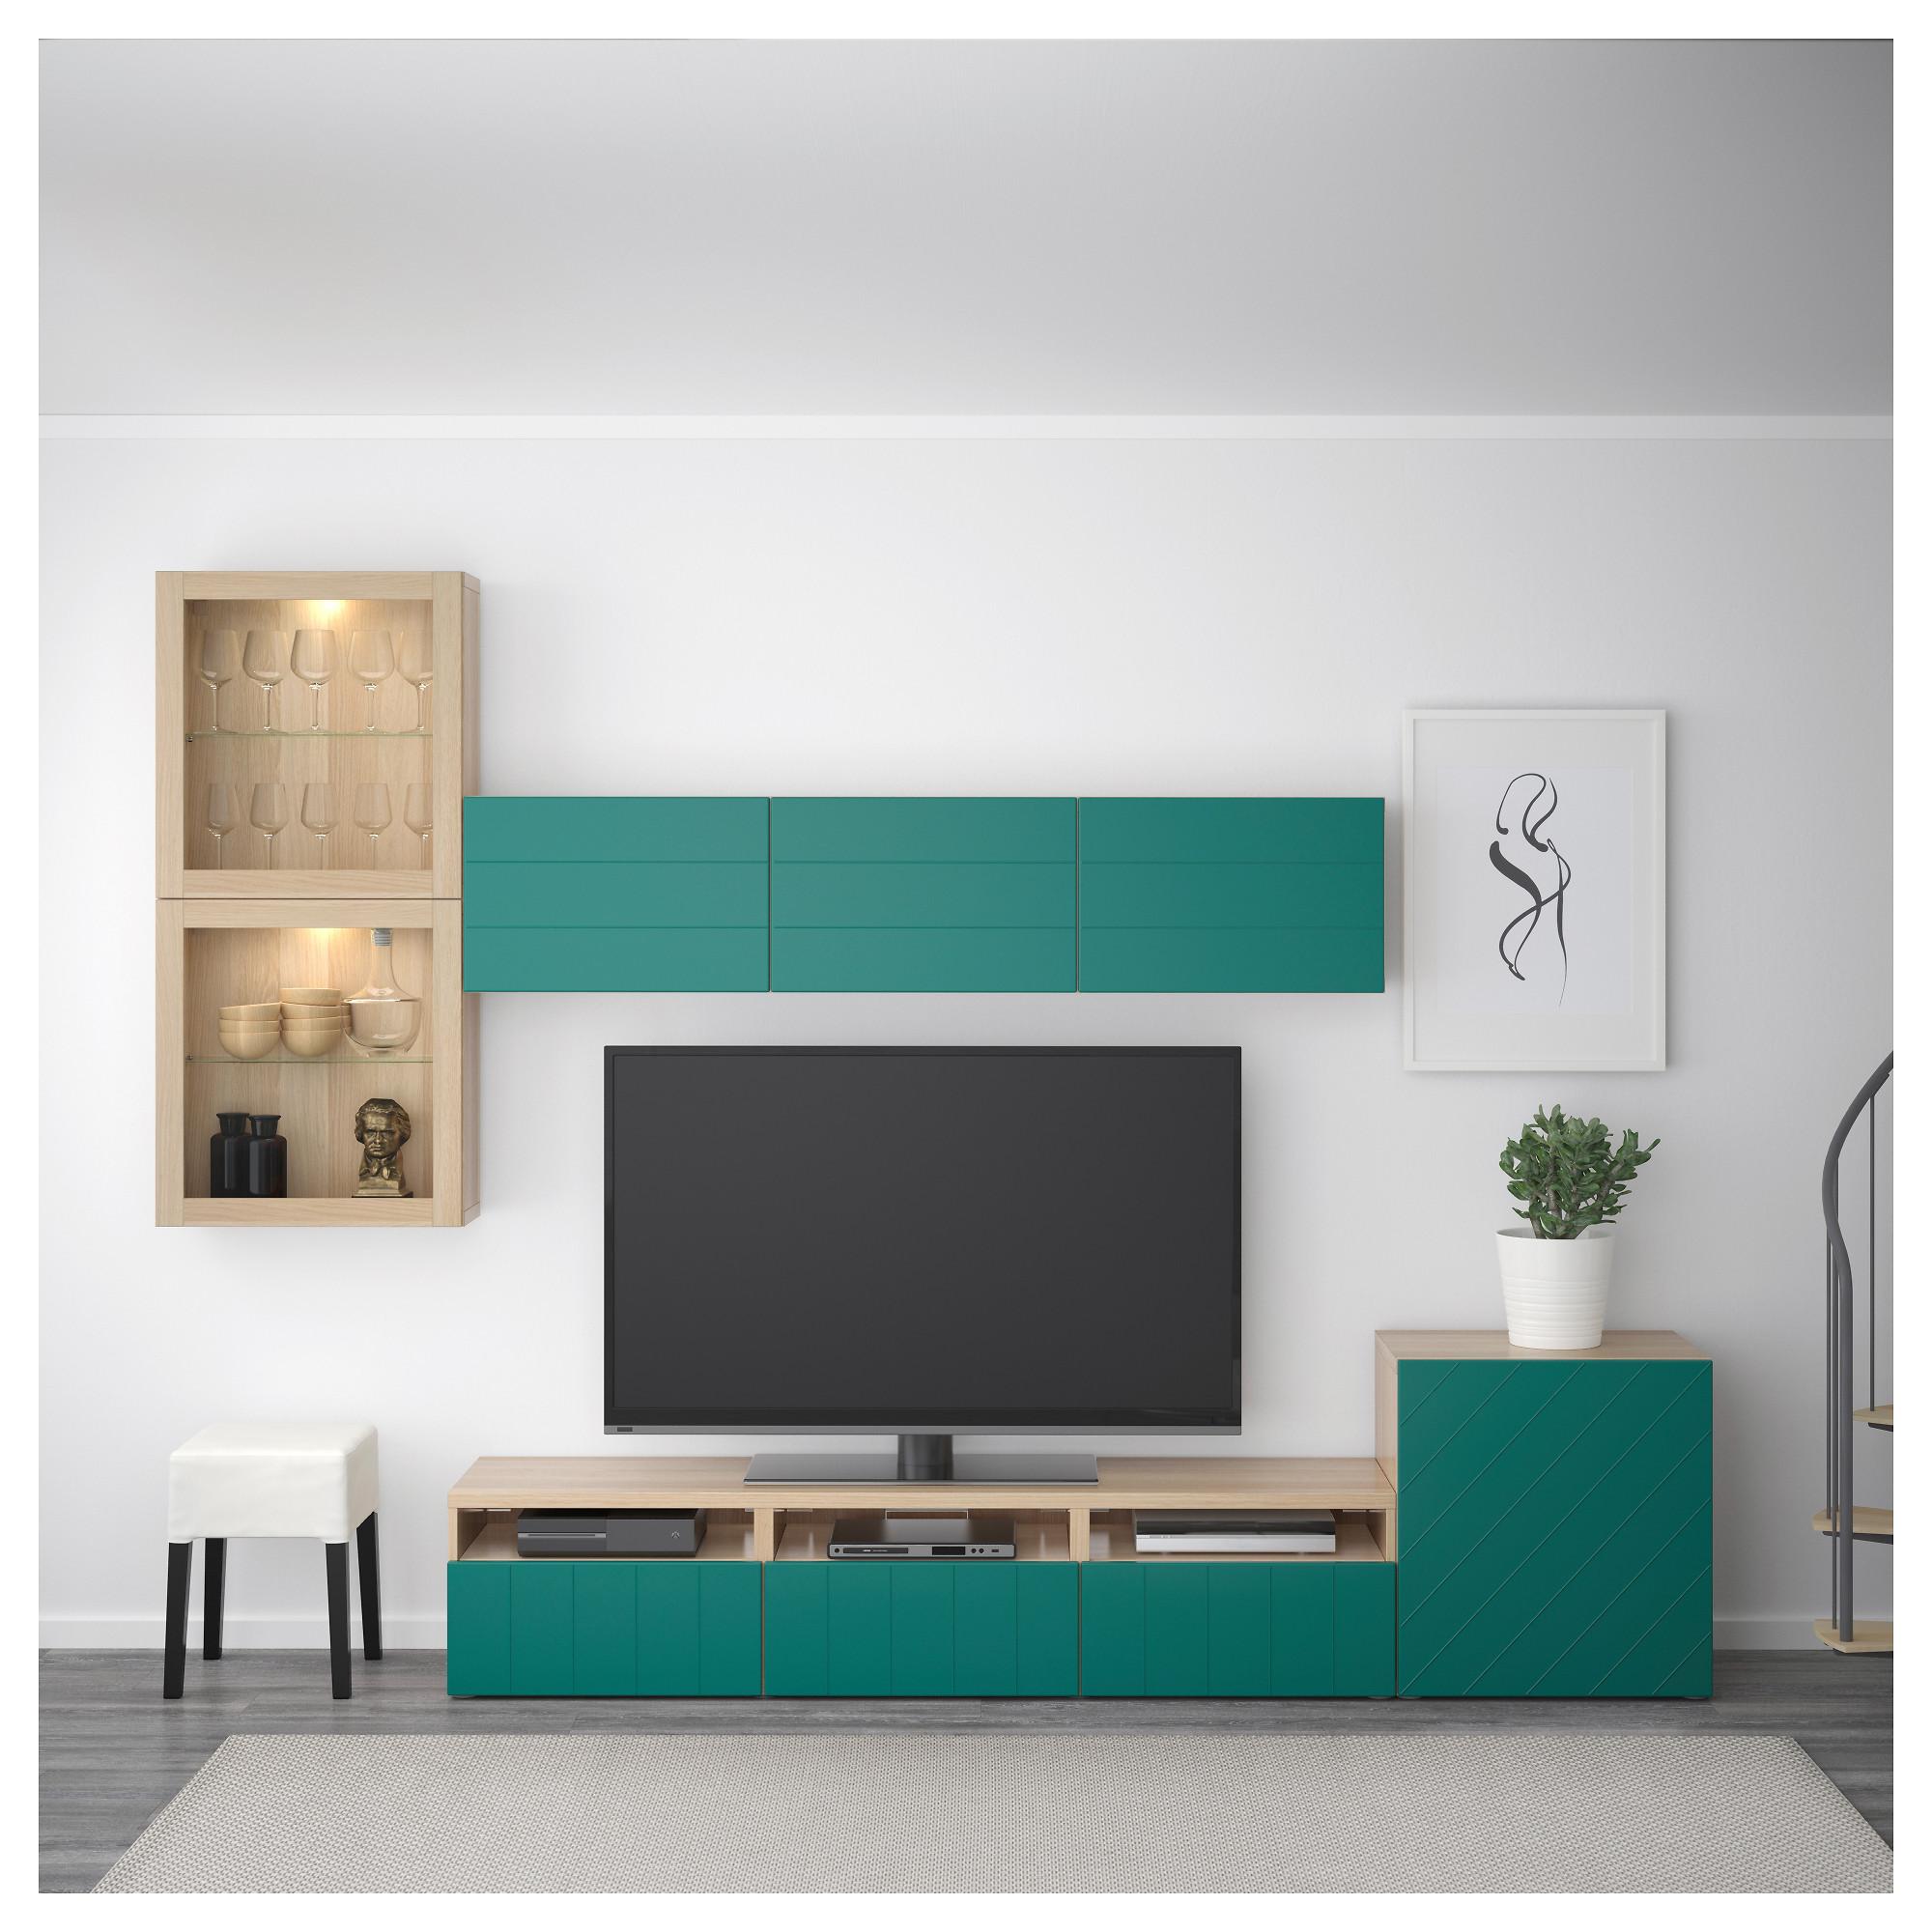 Шкаф для ТВ, комбинированный, стекляные дверцы БЕСТО сине-зеленый артикуль № 592.761.34 в наличии. Online сайт IKEA РБ. Быстрая доставка и соборка.